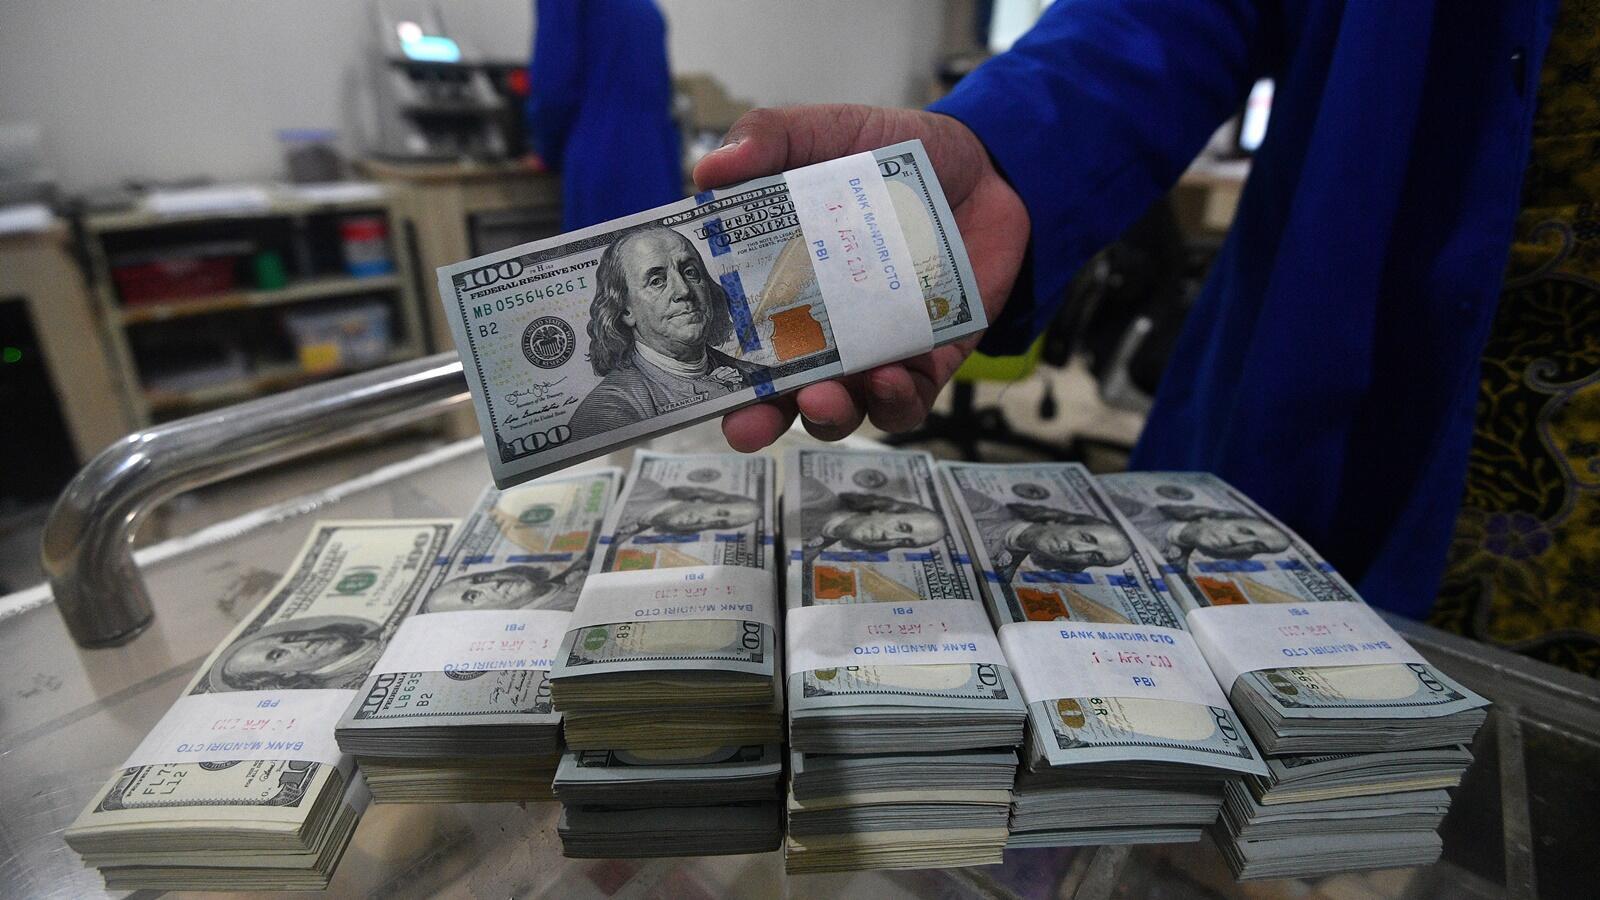 Saat Rupiah Rp 13.700/USD Utang RI Nambah Rp 10,9 Triliun, Sekarang?